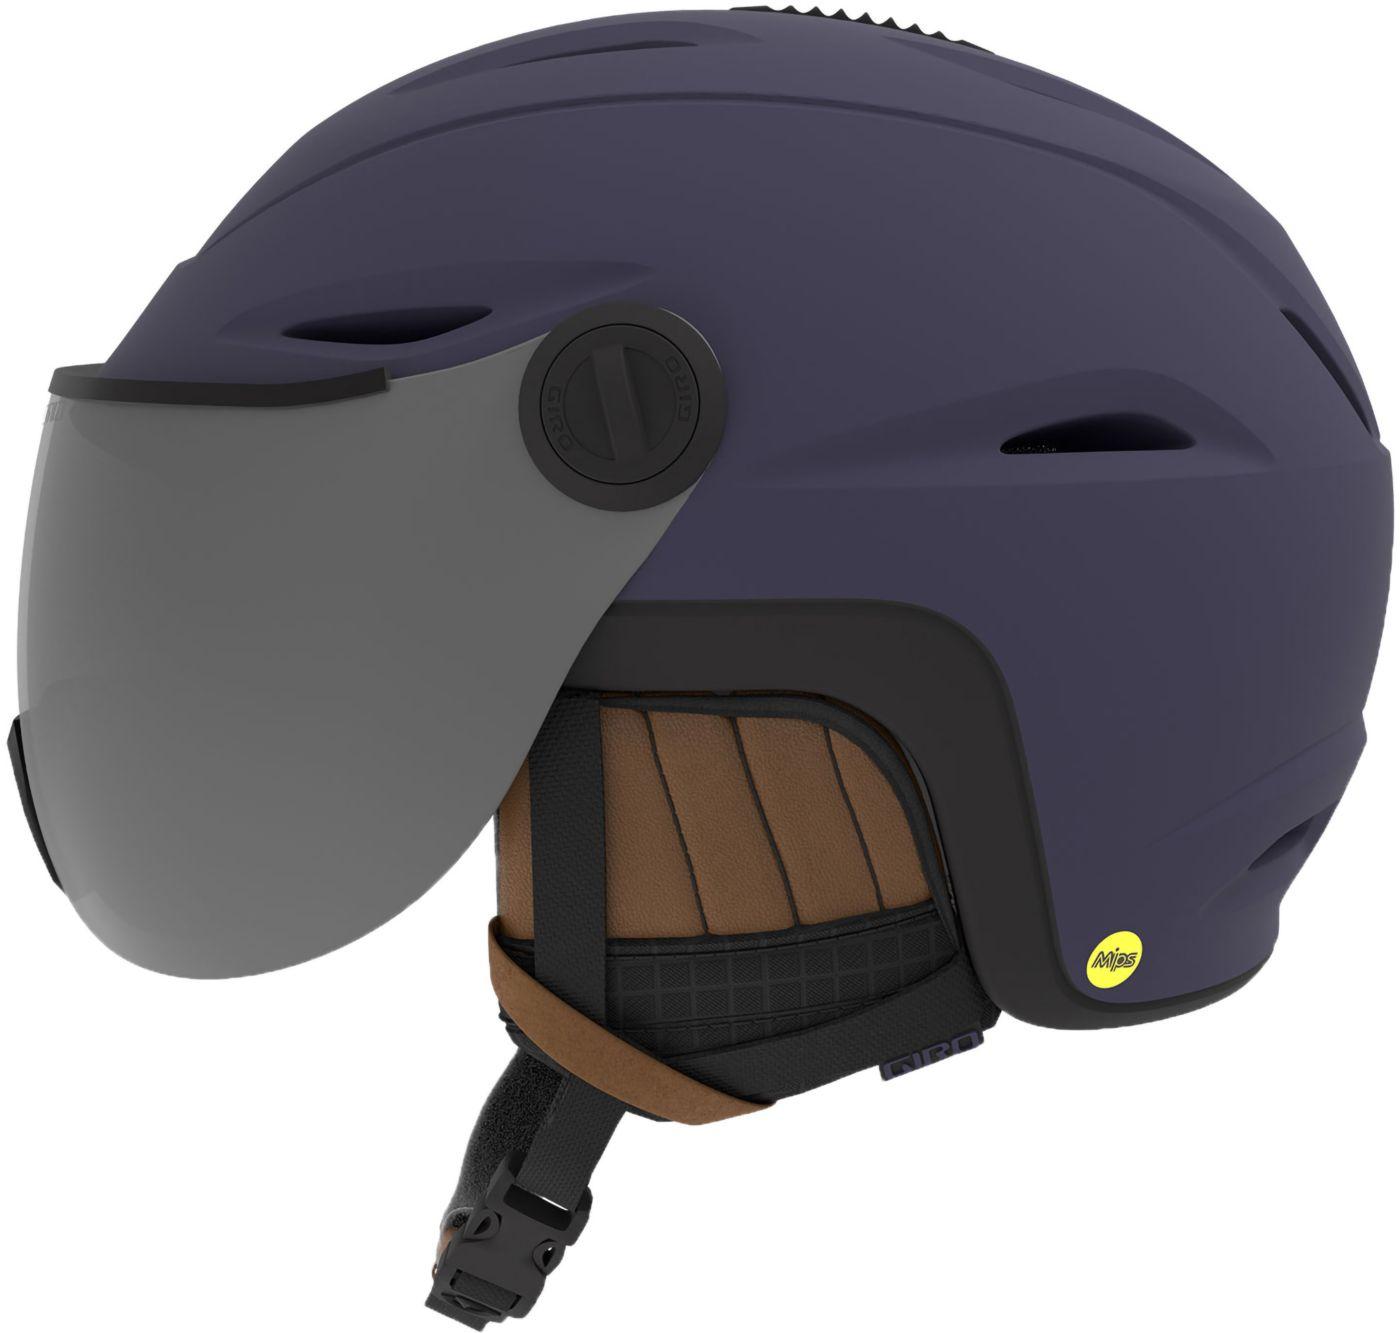 Giro Adult Vue MIPS Snow Helmet